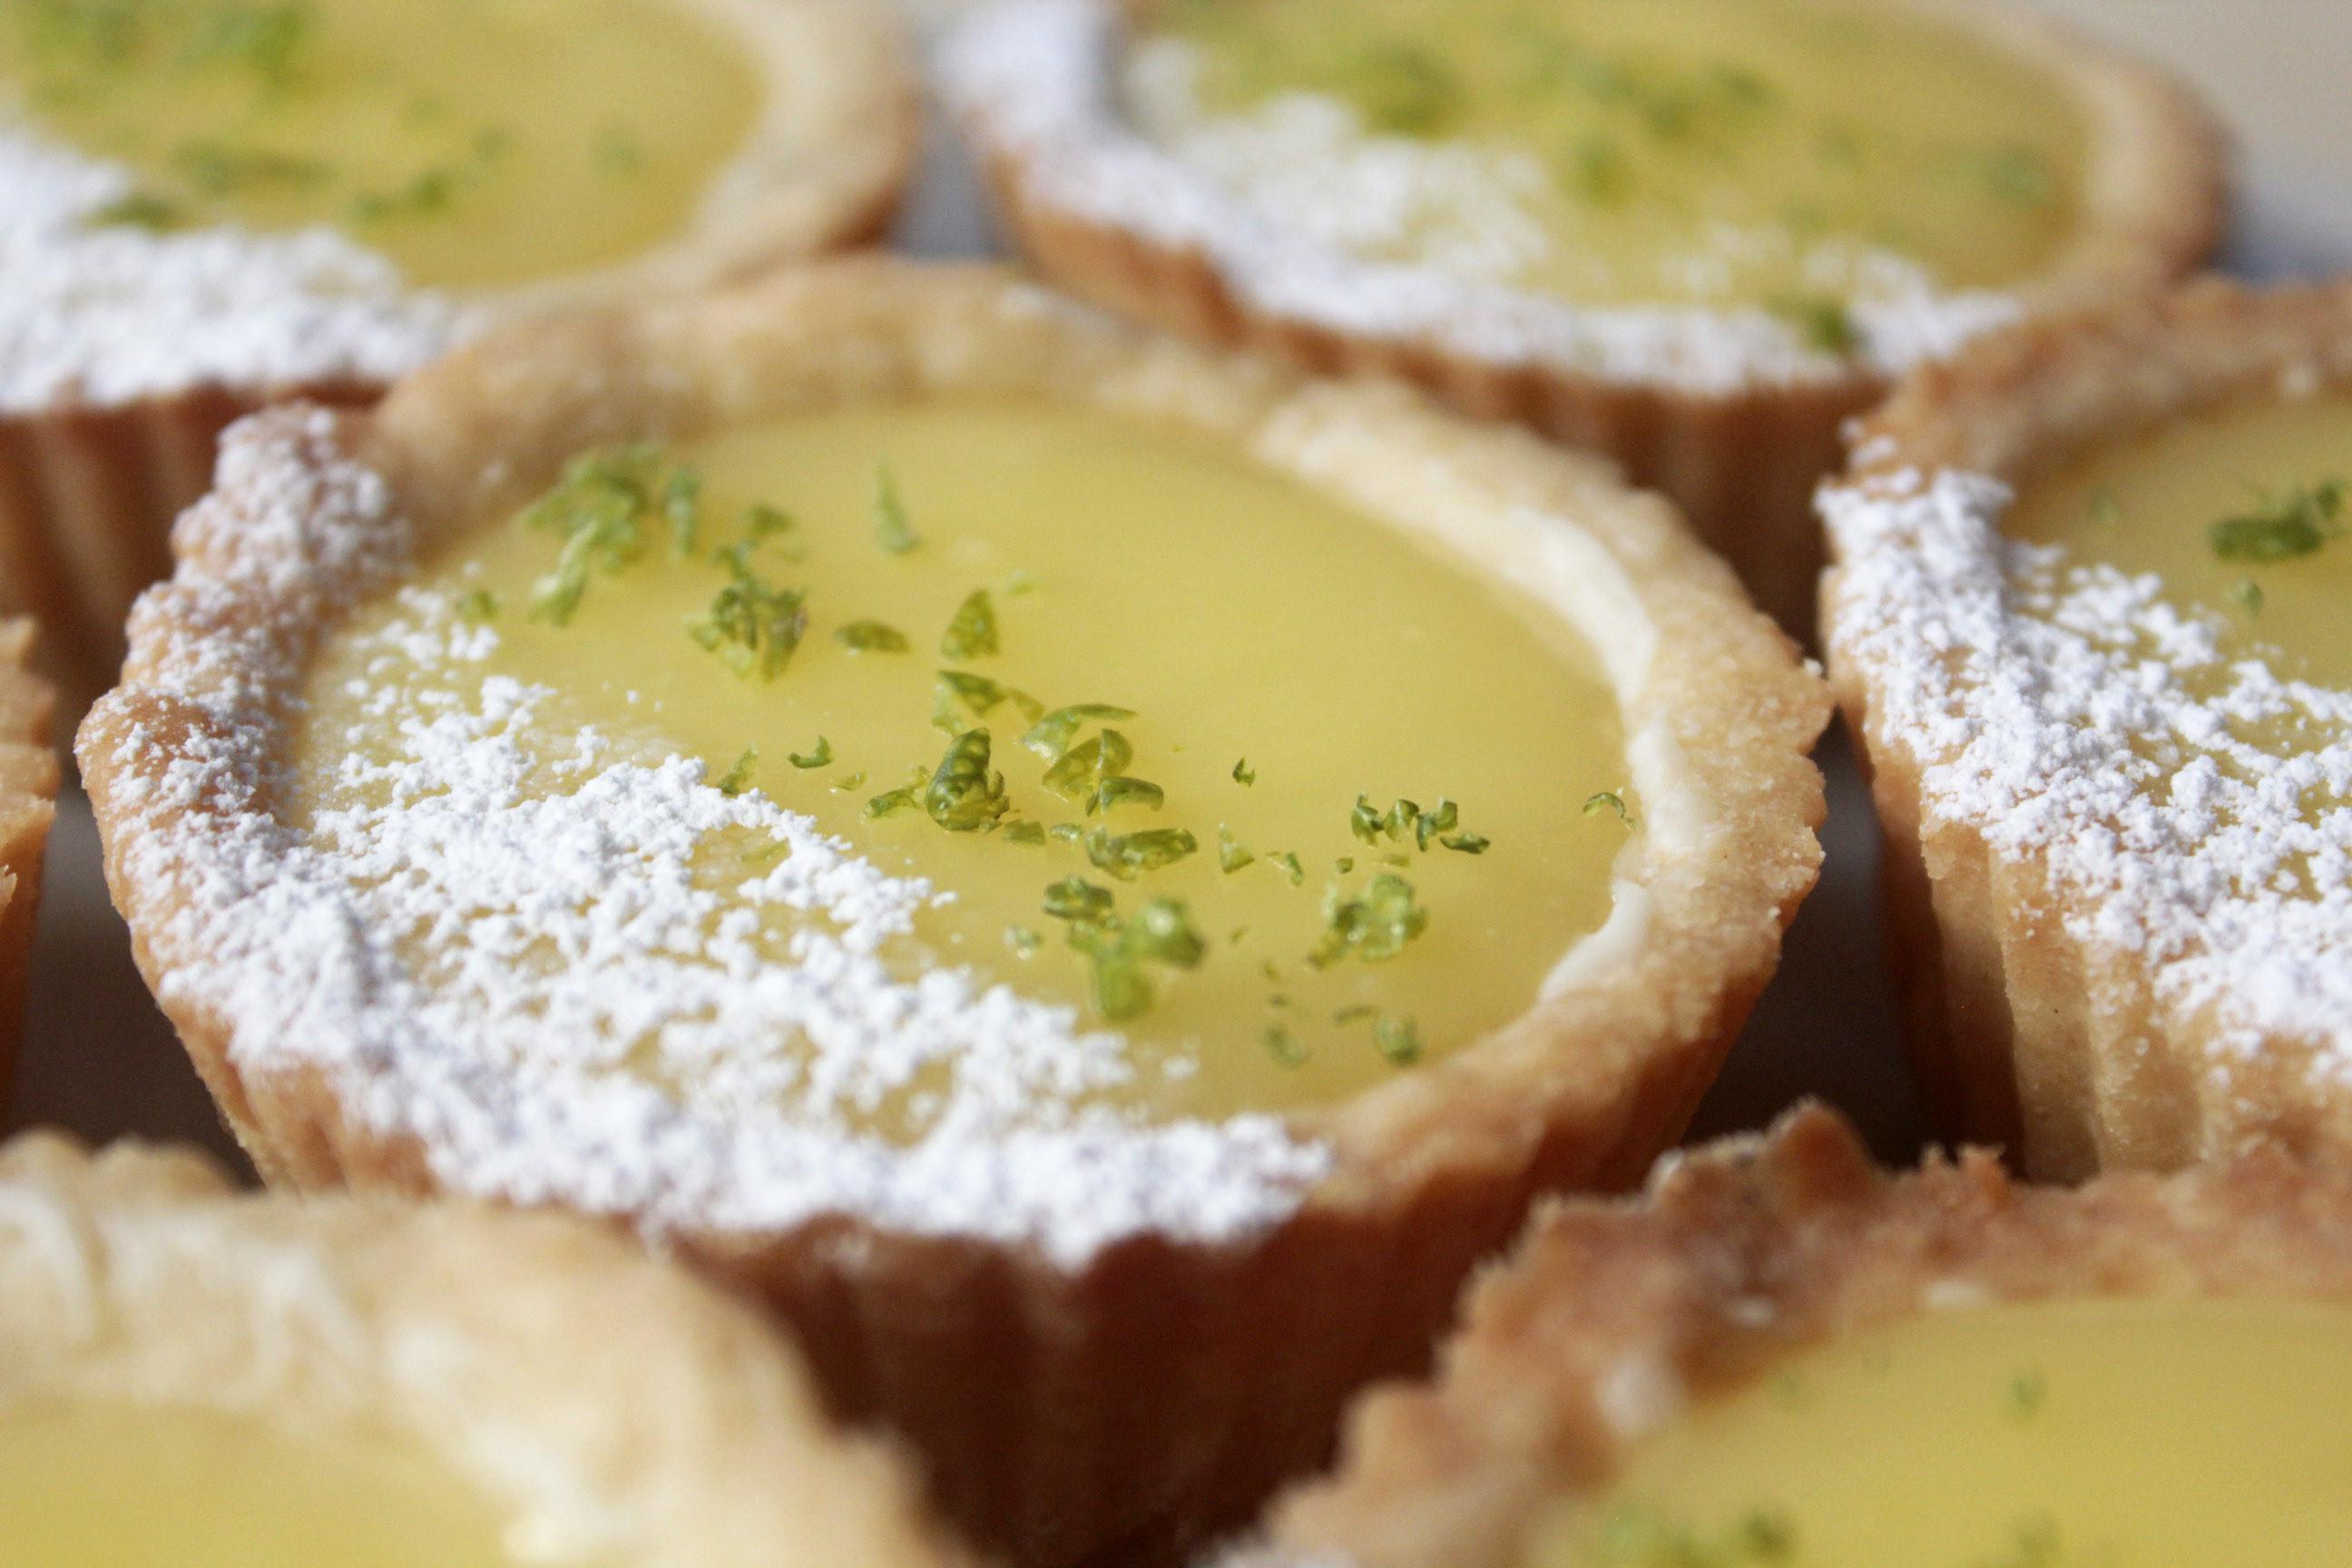 影片◆迷你法式檸檬塔 餅乾塔皮、馬芬烤模